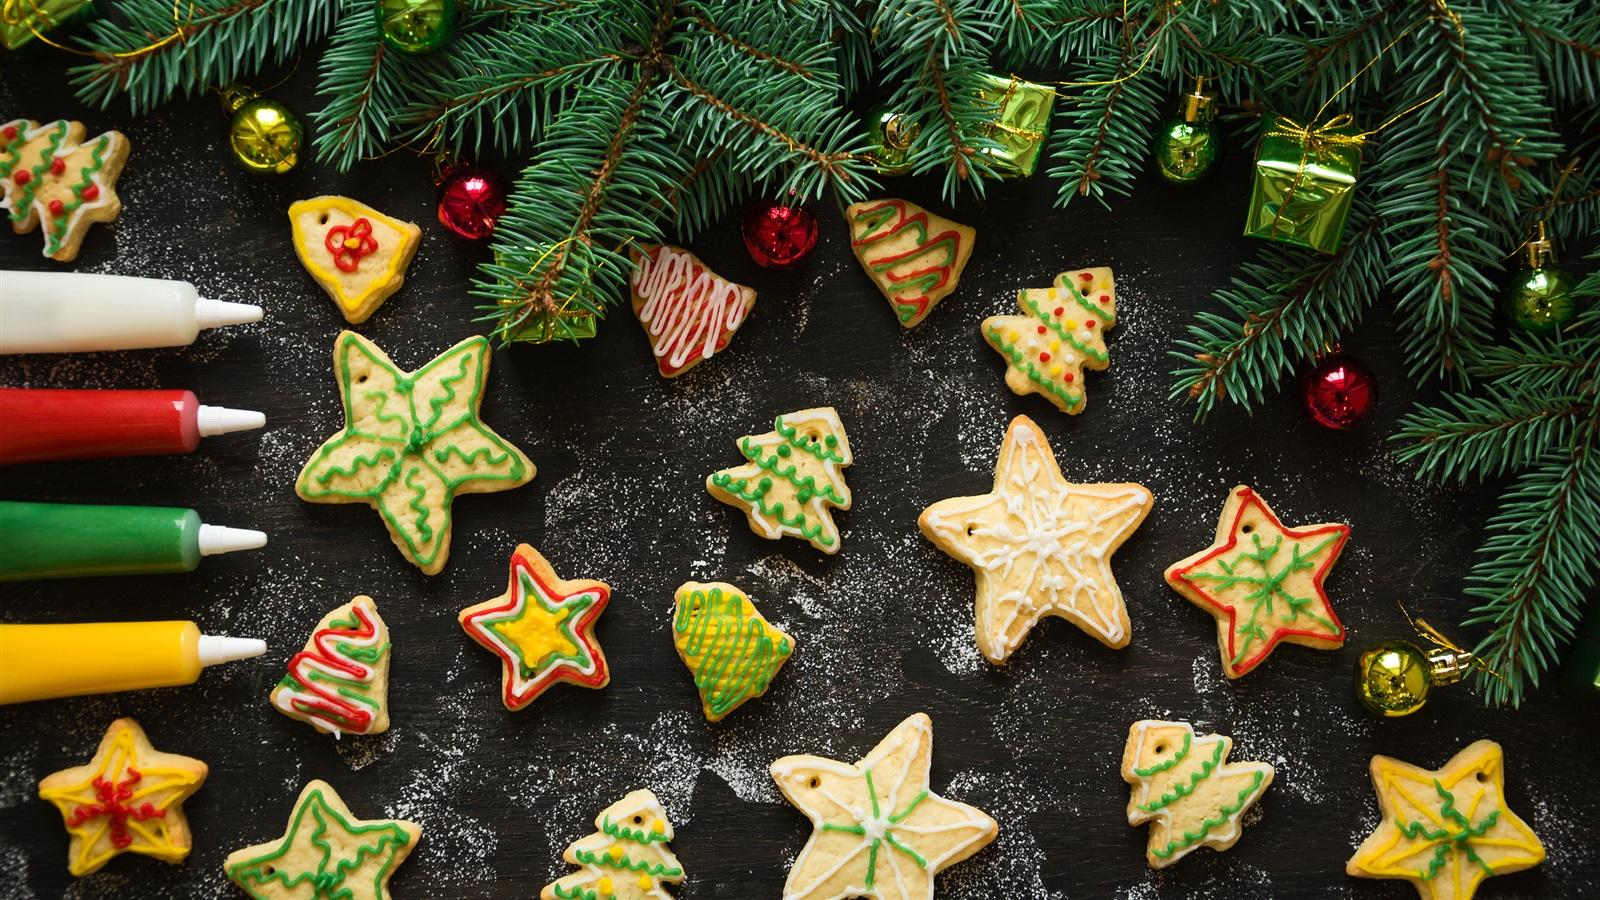 Fondos De Pantalla De Galletas: Navidad, Galletas, Estrellas, Ramas De Pino Fondos De